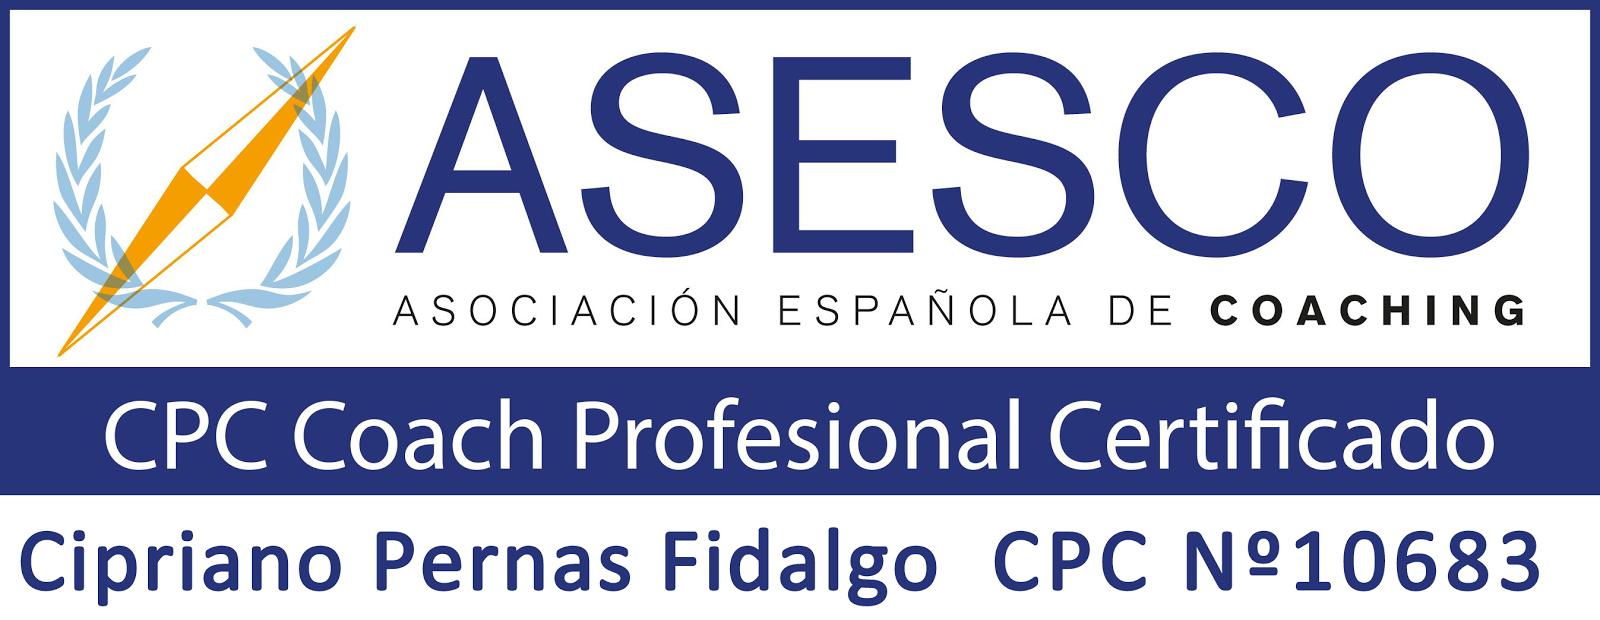 ASESCO - Coaching